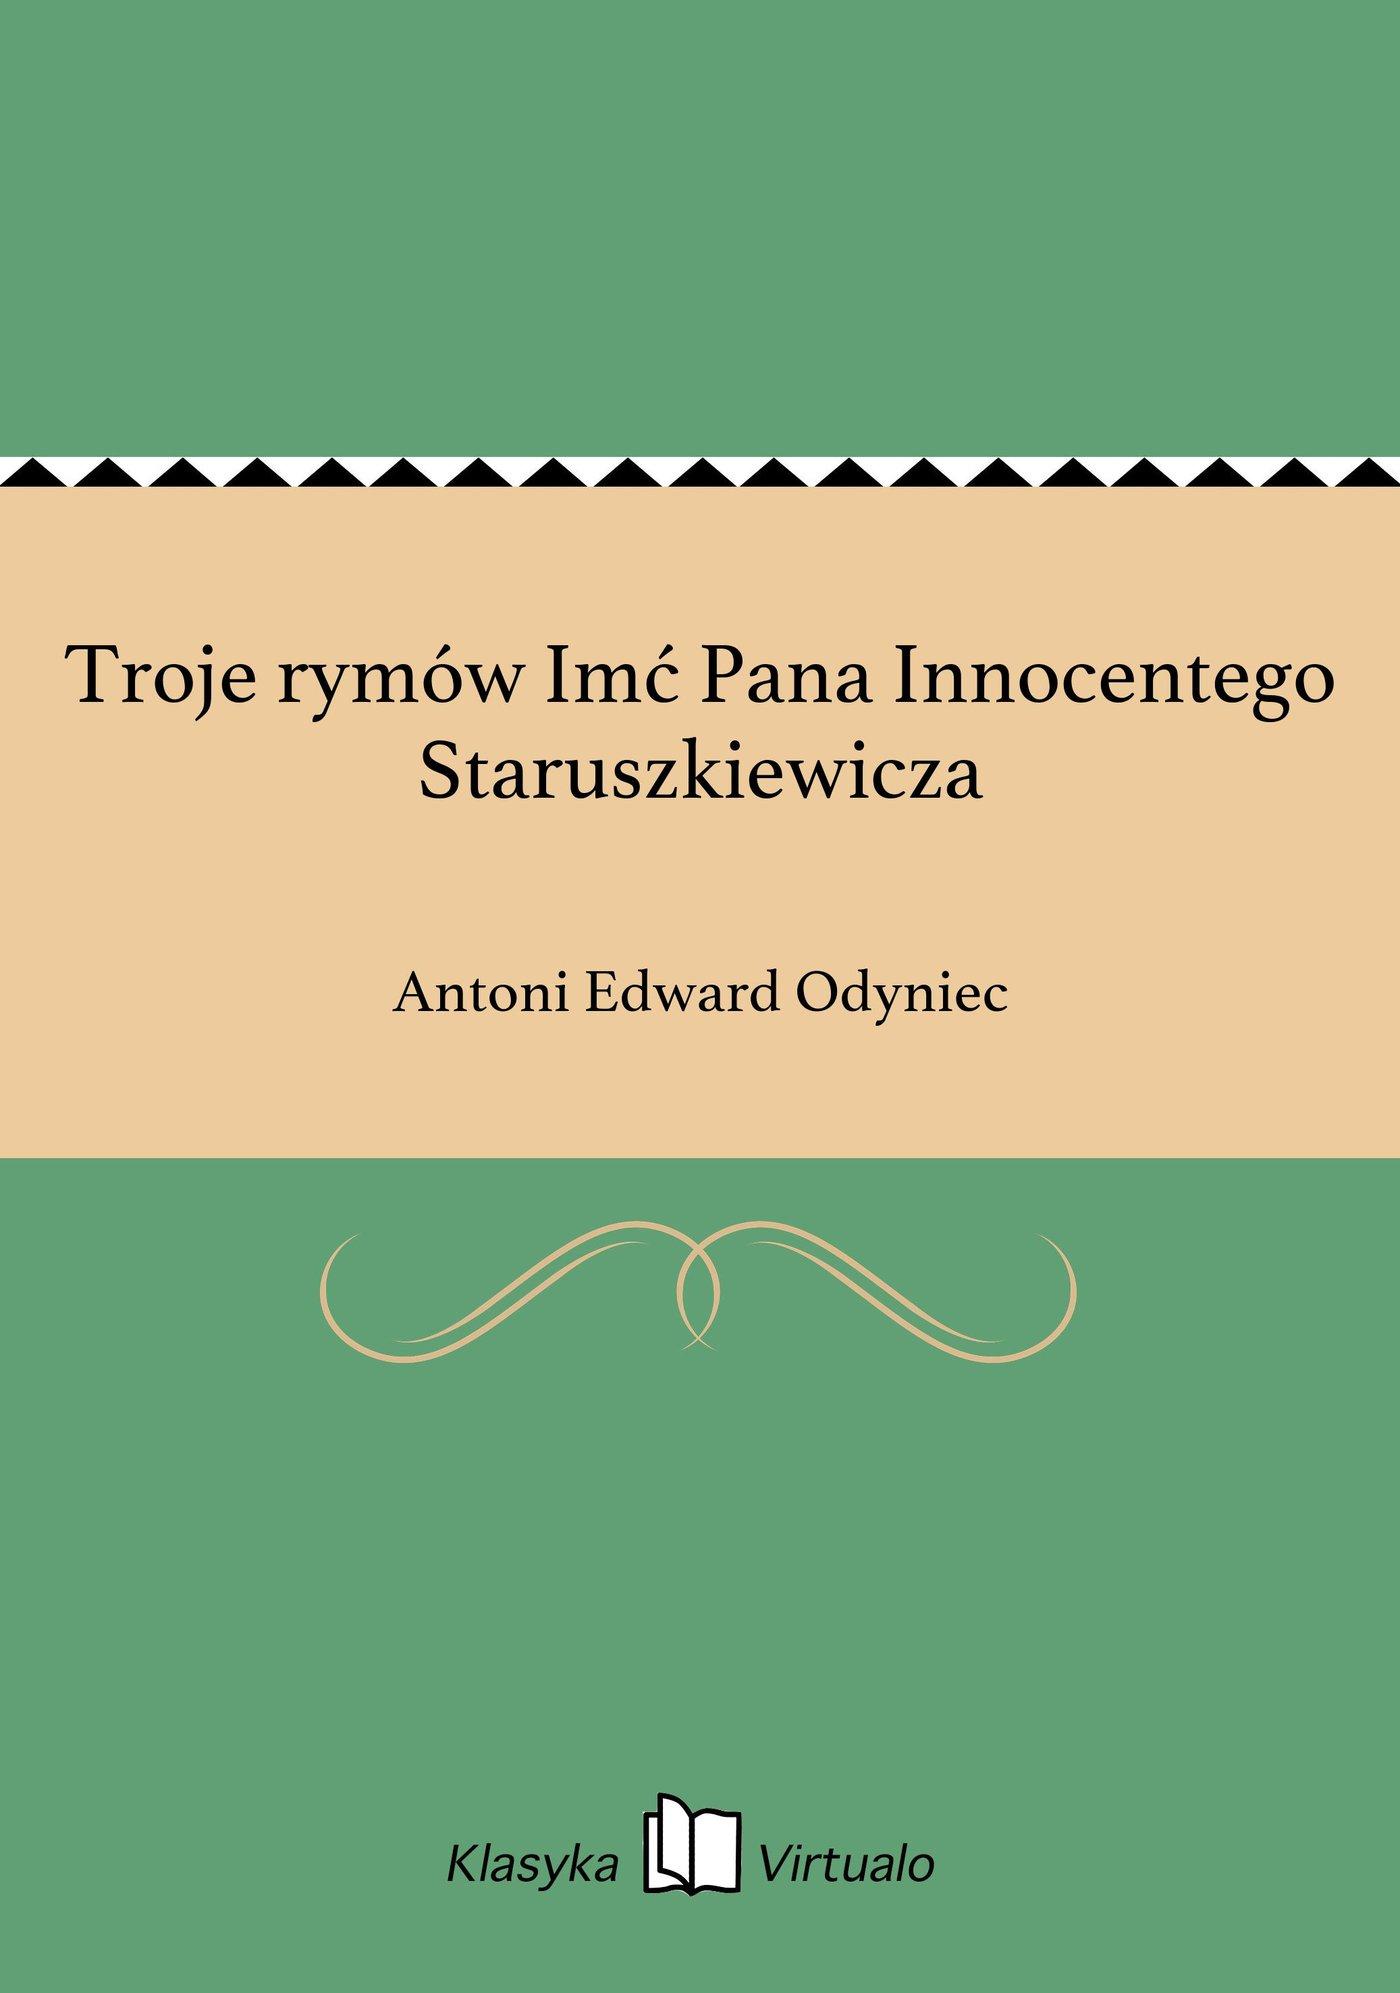 Troje rymów Imć Pana Innocentego Staruszkiewicza - Ebook (Książka EPUB) do pobrania w formacie EPUB